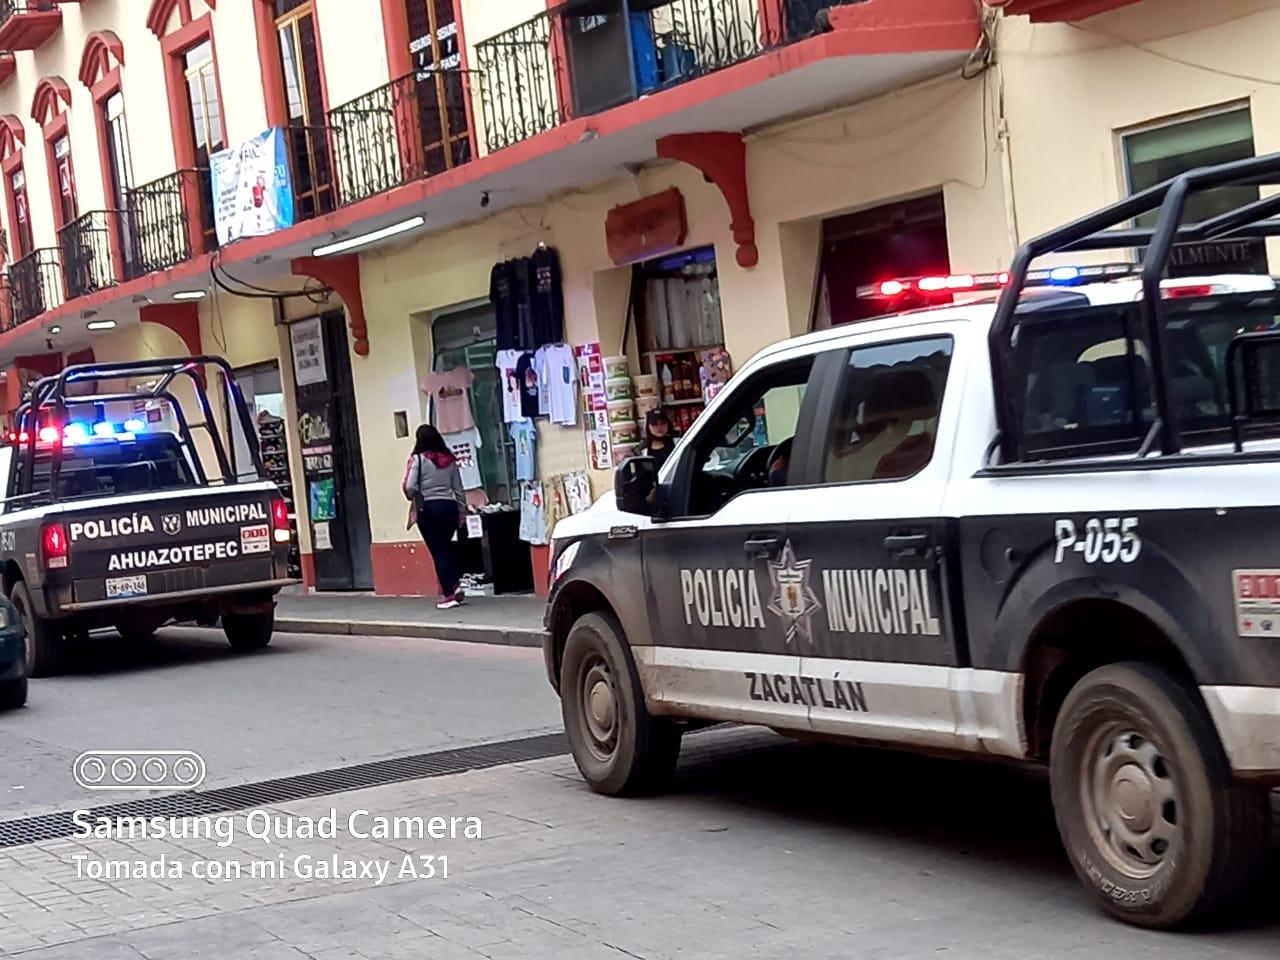 Mientras Ahuazotepec se cae a pedazos por delincuencia e ingobernabilidad, su patrulla se pasea en otros municipios